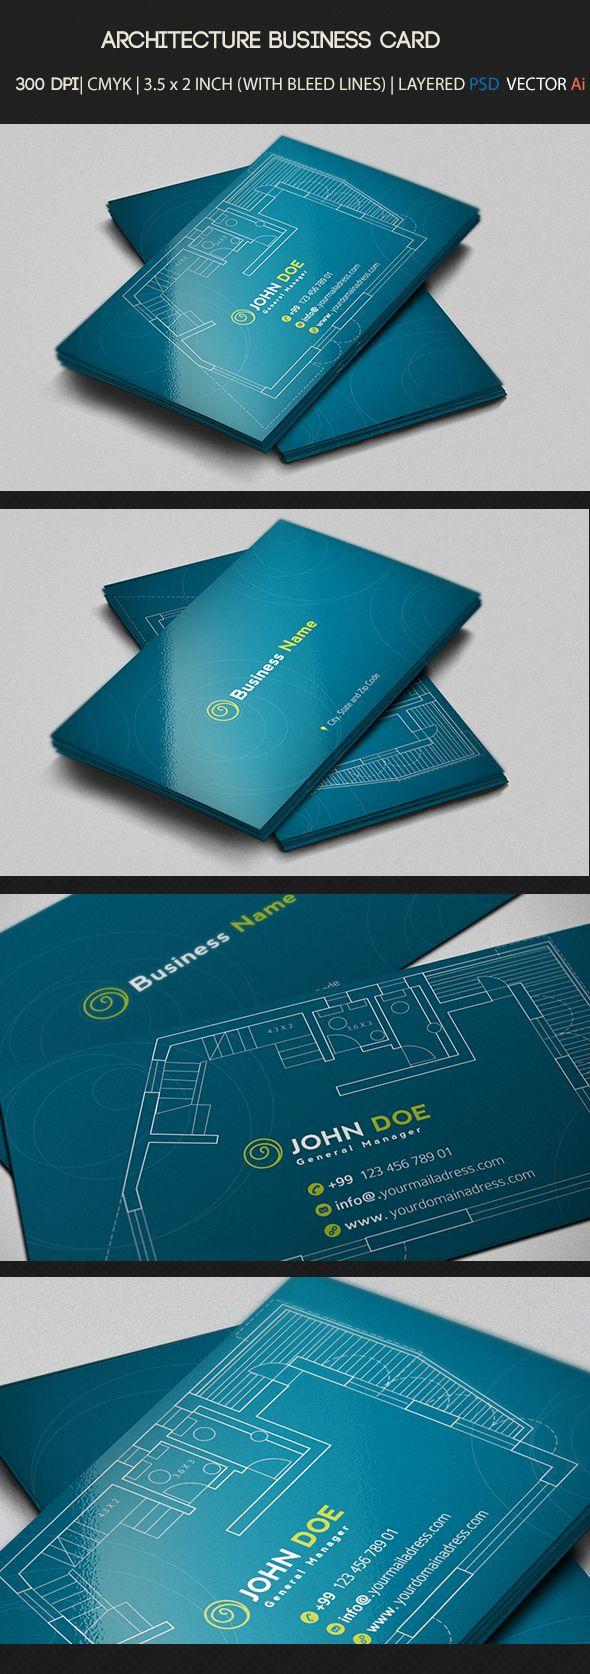 270b0d04730f6e2e9e2409d945dcf901 35 Architect Business Card Designs For Inspiration